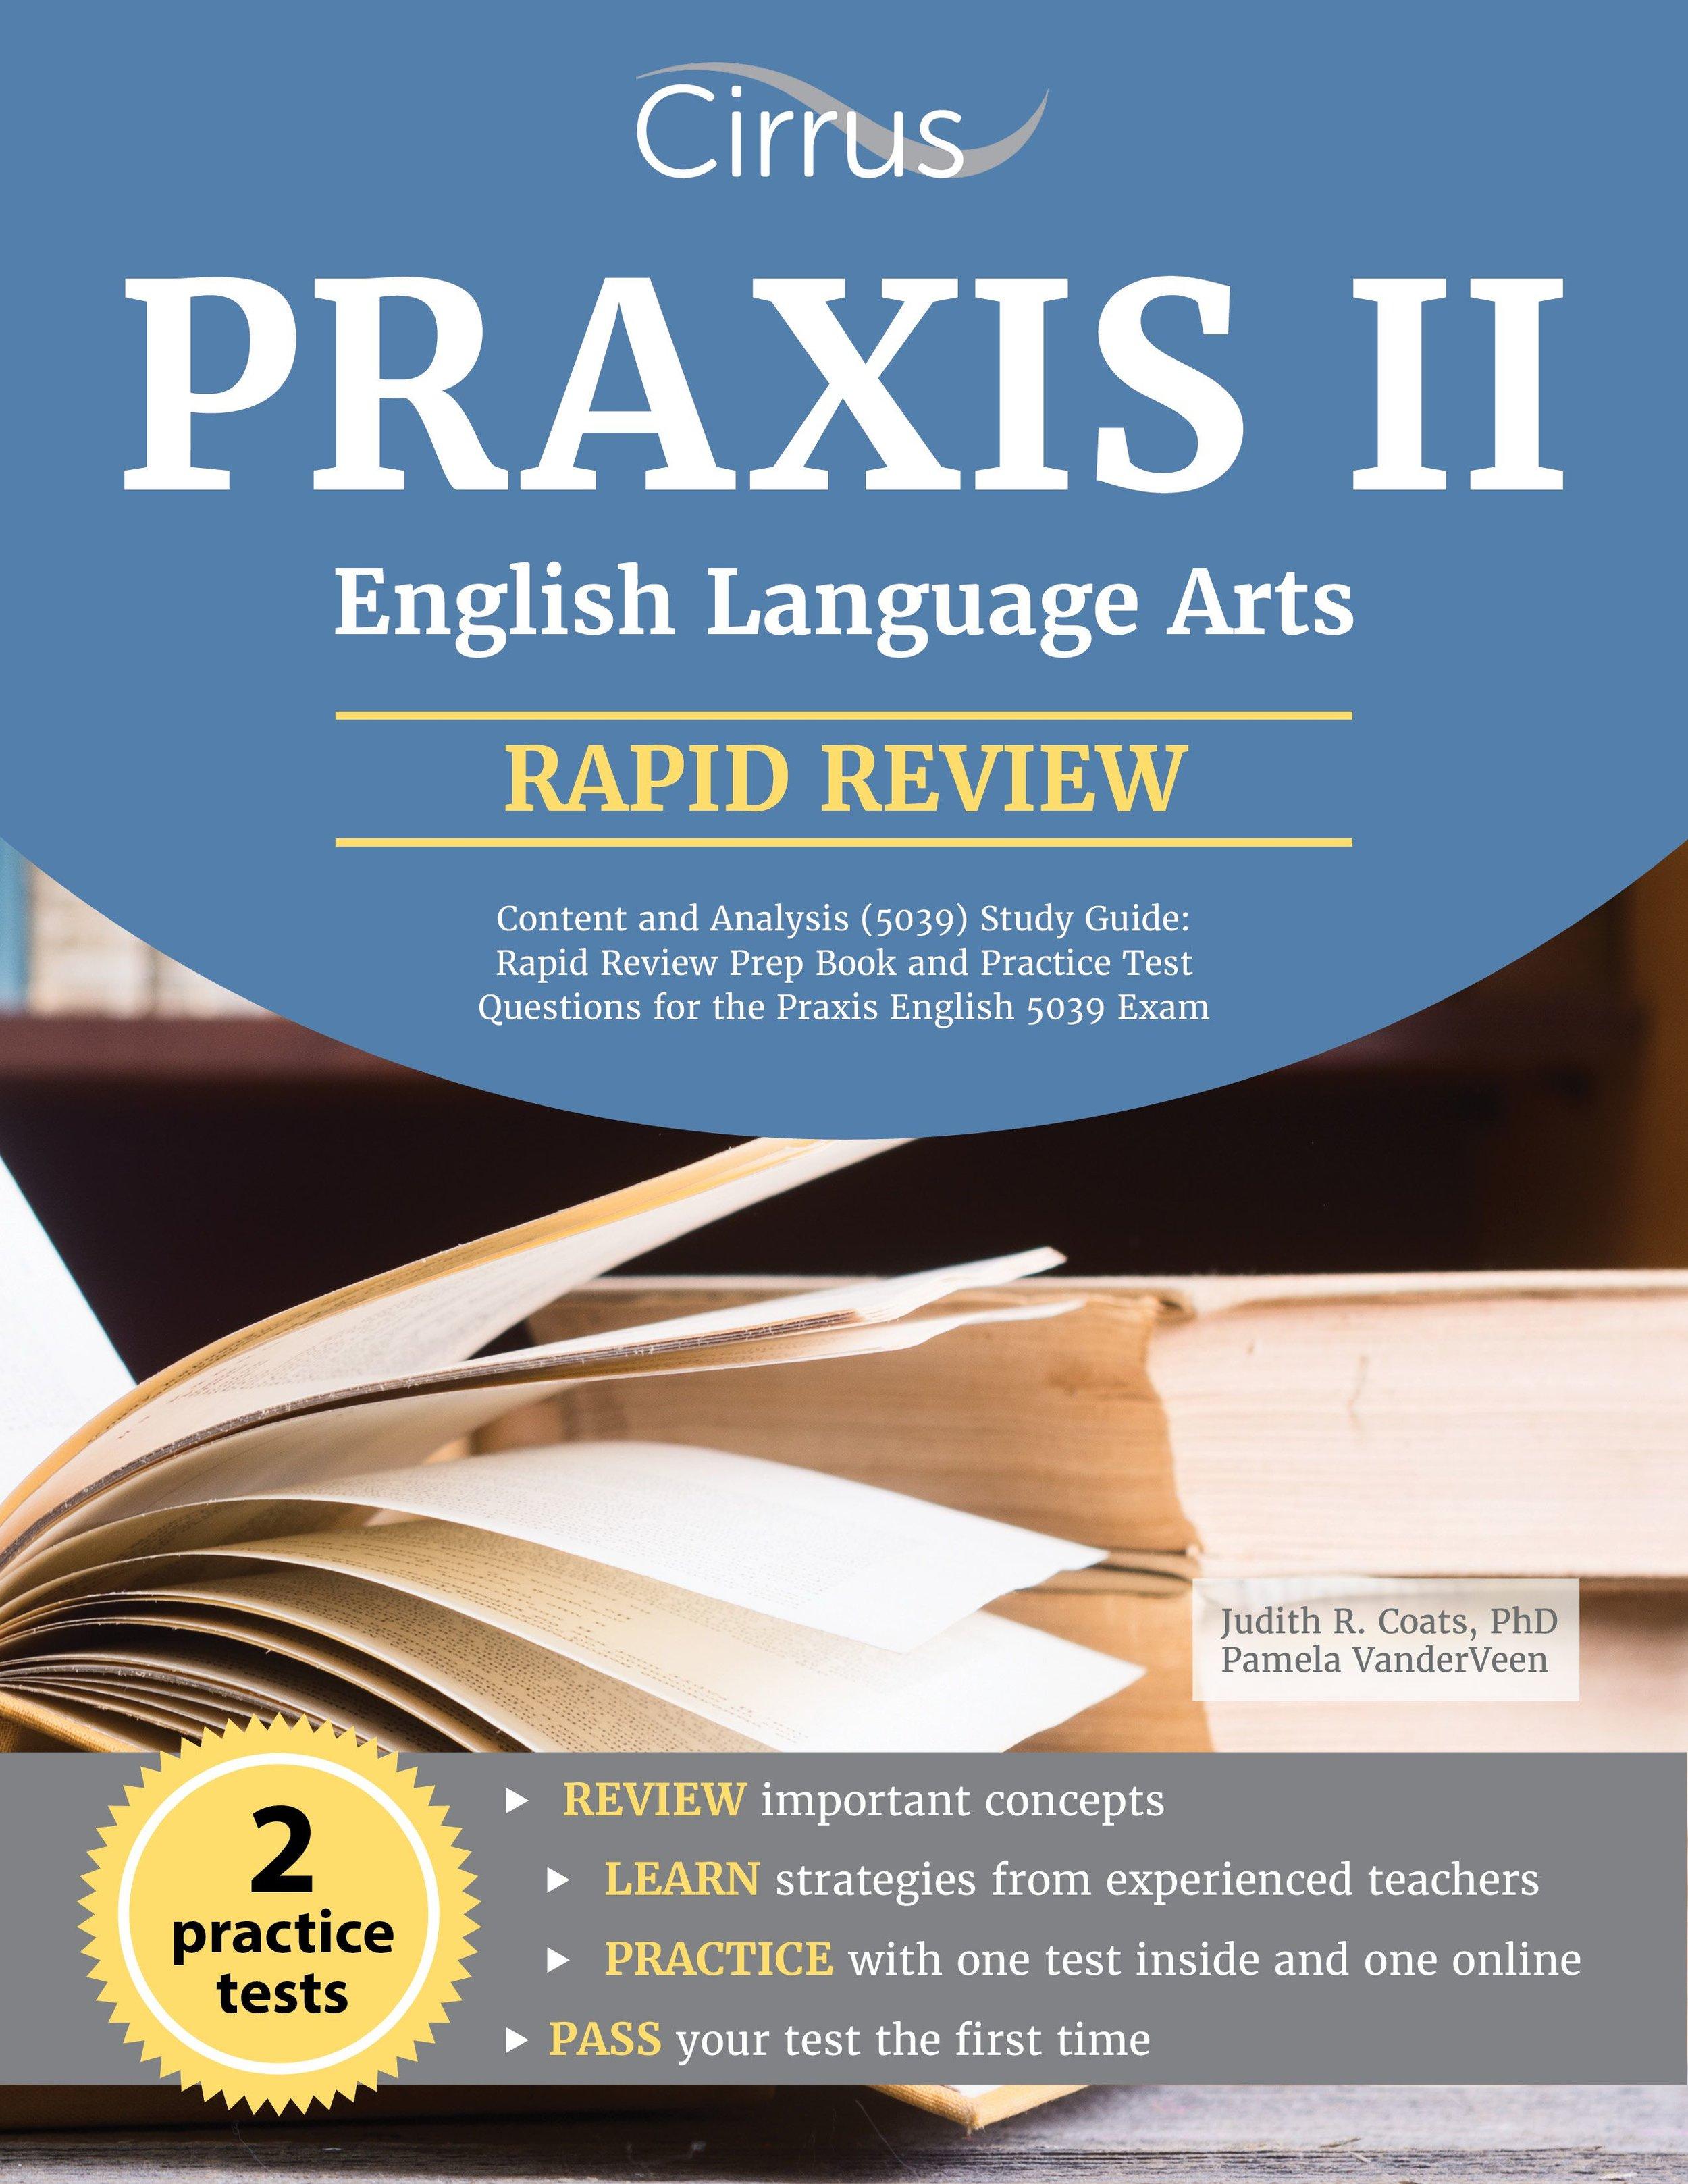 Praxis_ELA_5039_QR_cover_website-compressor.jpg